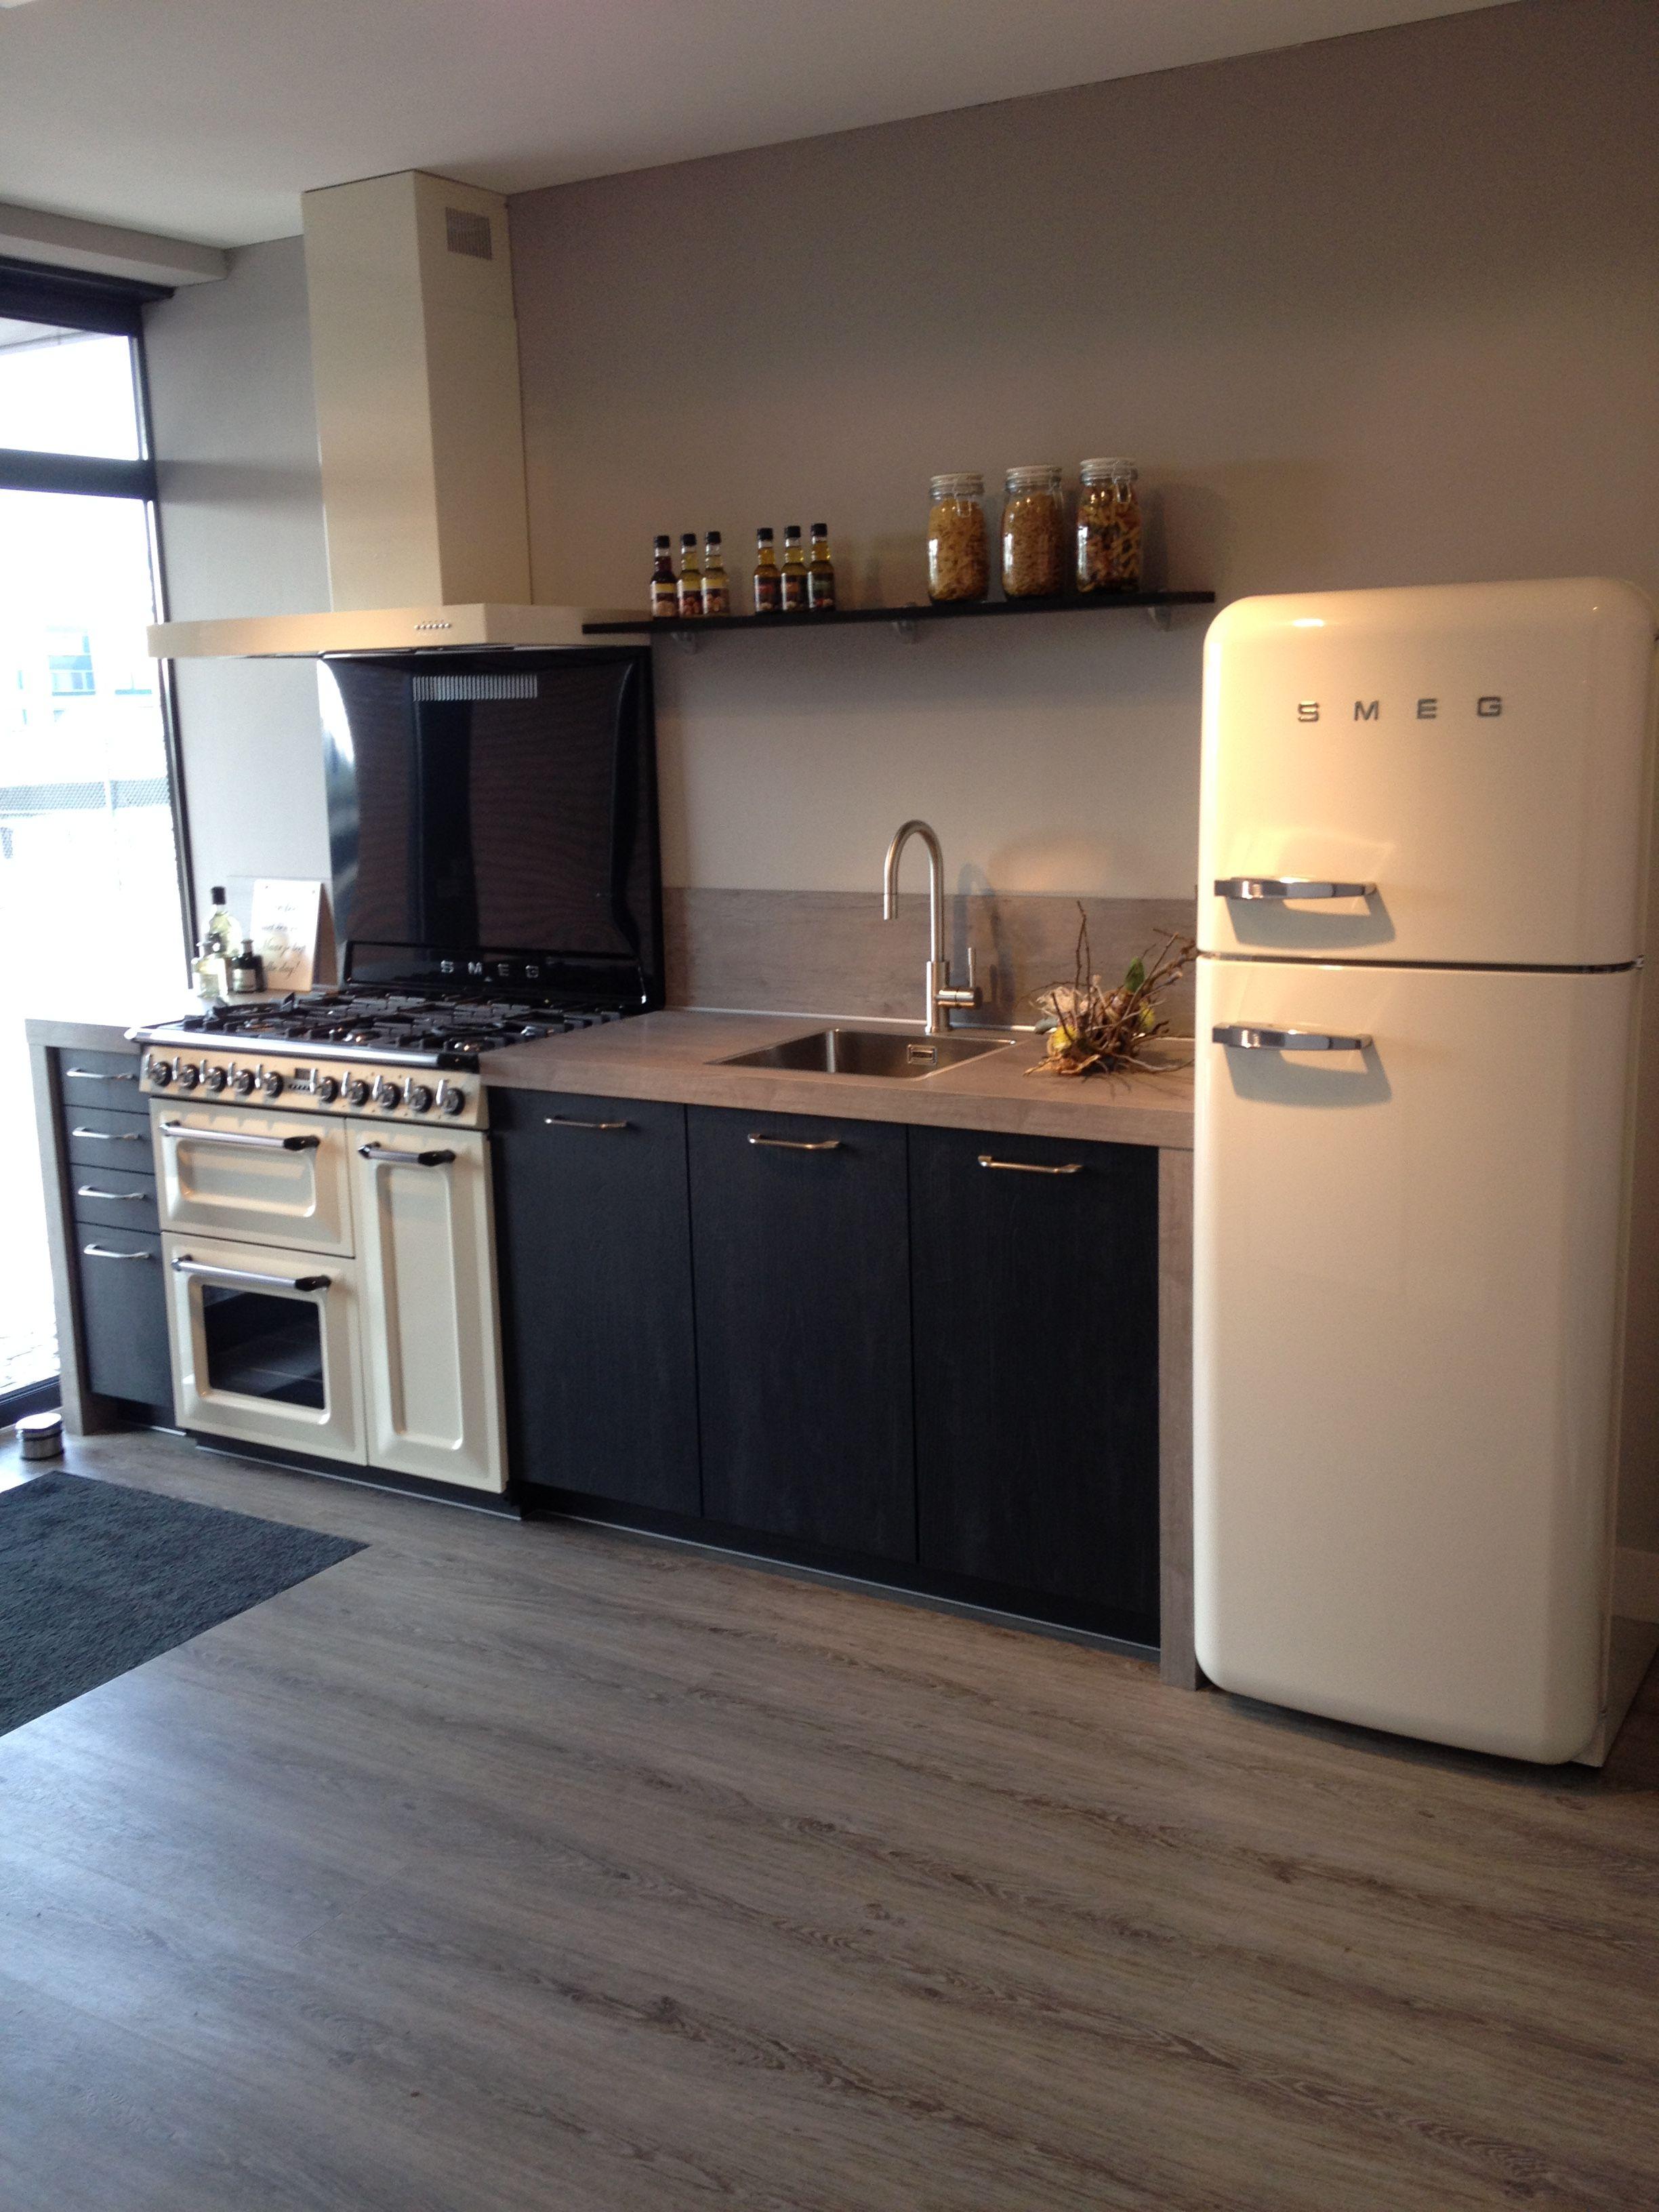 Landelijke keuken met een robuuste uitstraling | Traditioneel fornuis met oven | smeg koelkast. Ga voor keukeninspiratie naar: http://www.keukenstudiostoof.nl/keukens/inspiratie/